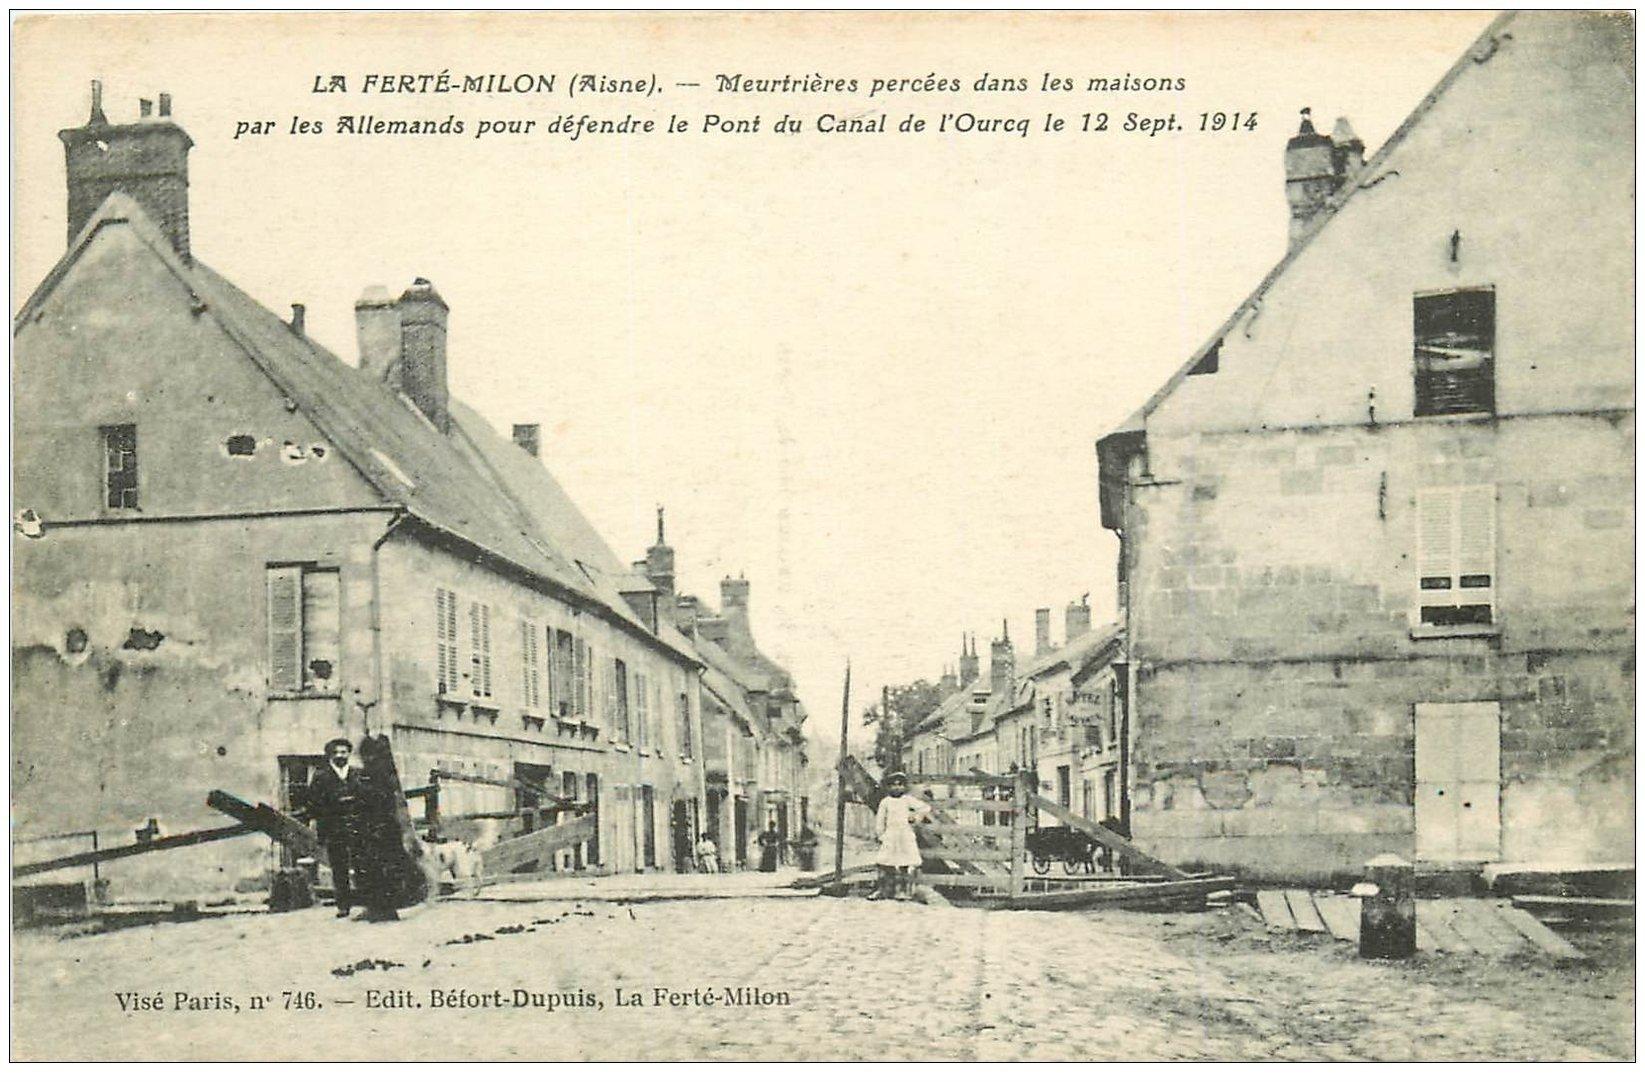 carte postale ancienne 02 LA FERTE-MILON. Meurtrières pour défendre le Pont du Canal de l'Ourcq 1917